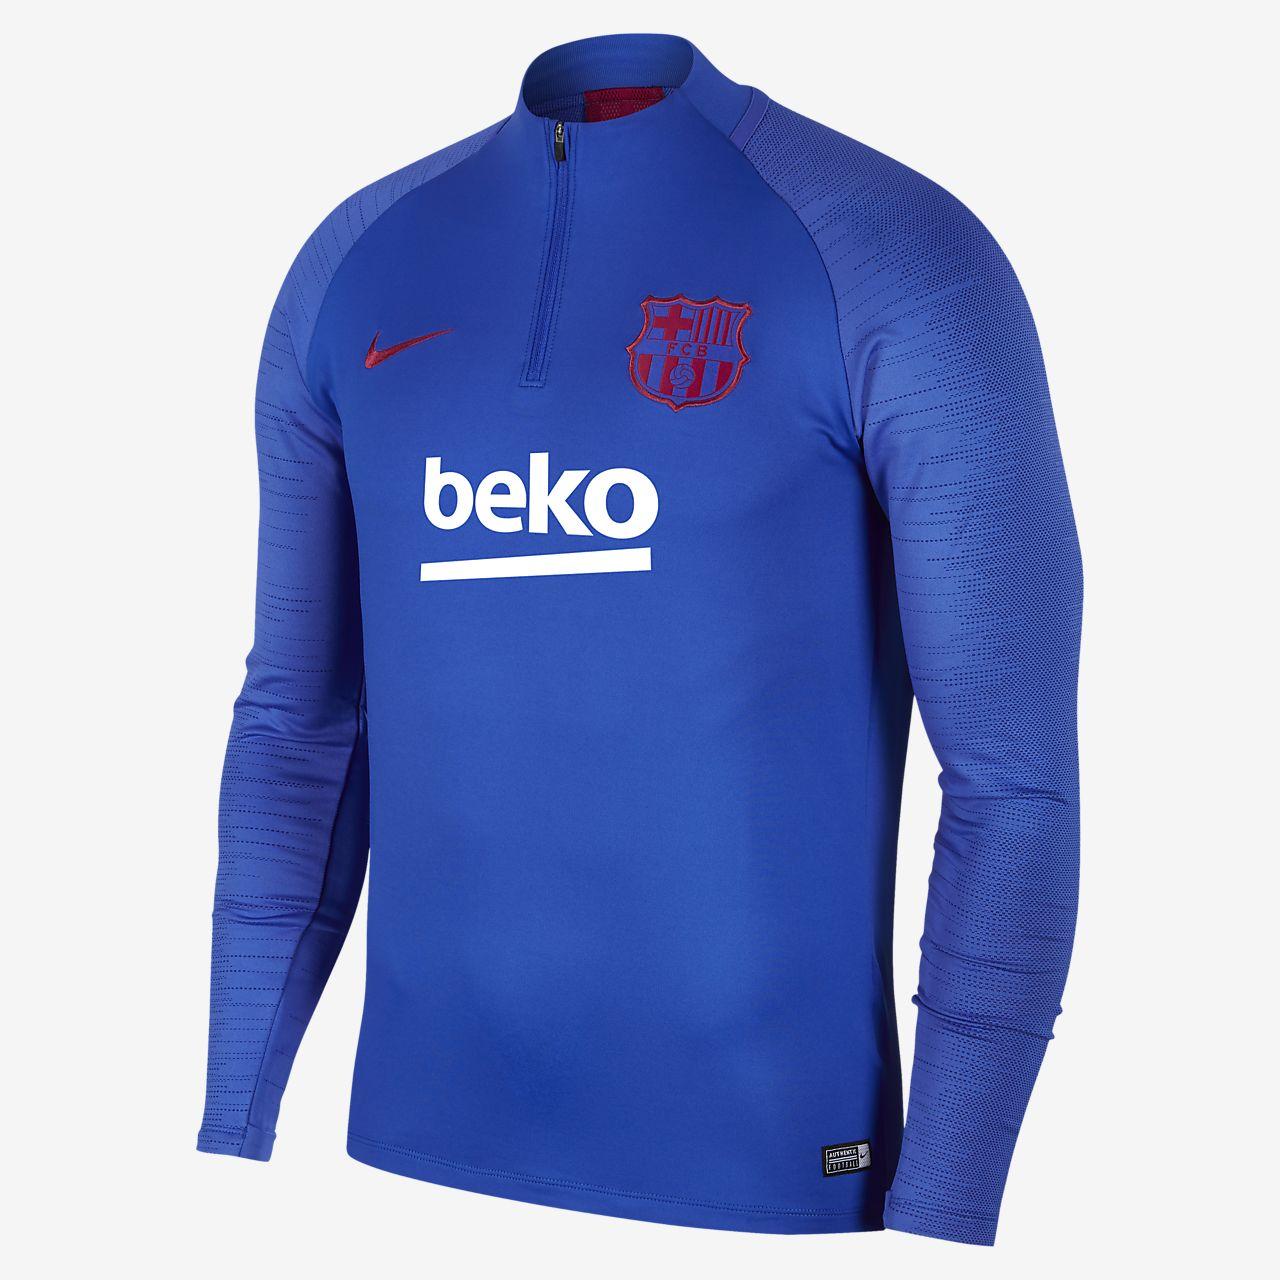 Ανδρική ποδοσφαιρική μπλούζα προπόνησης Nike Dri-FIT FC Barcelona Strike